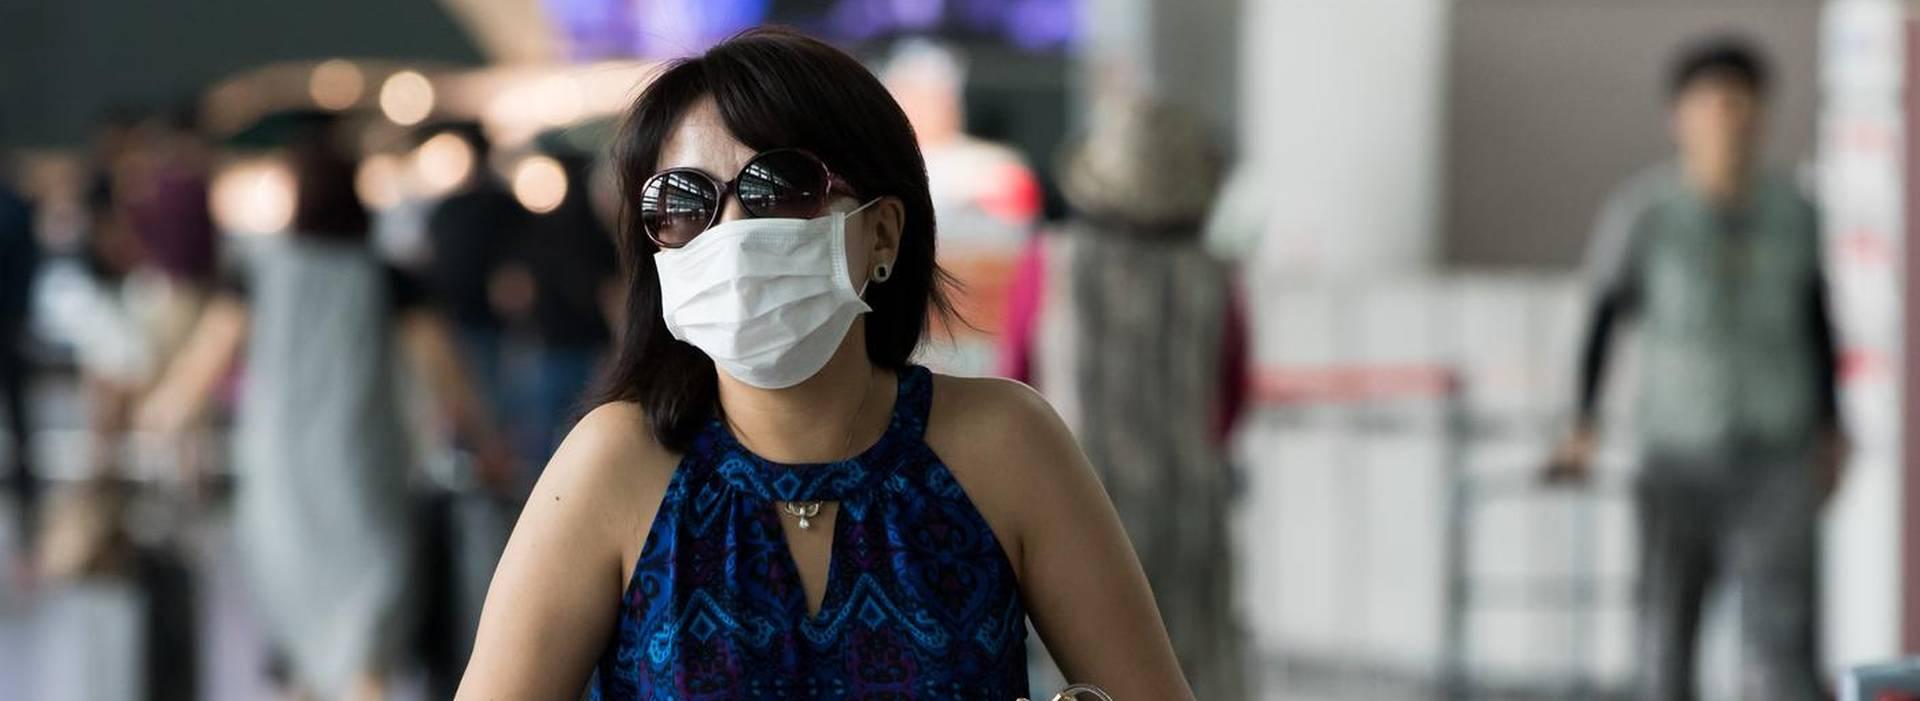 OPASNA ZARAZA: Južnokorejska predsjednica zbog MERS-a odgodila posjet SAD-u